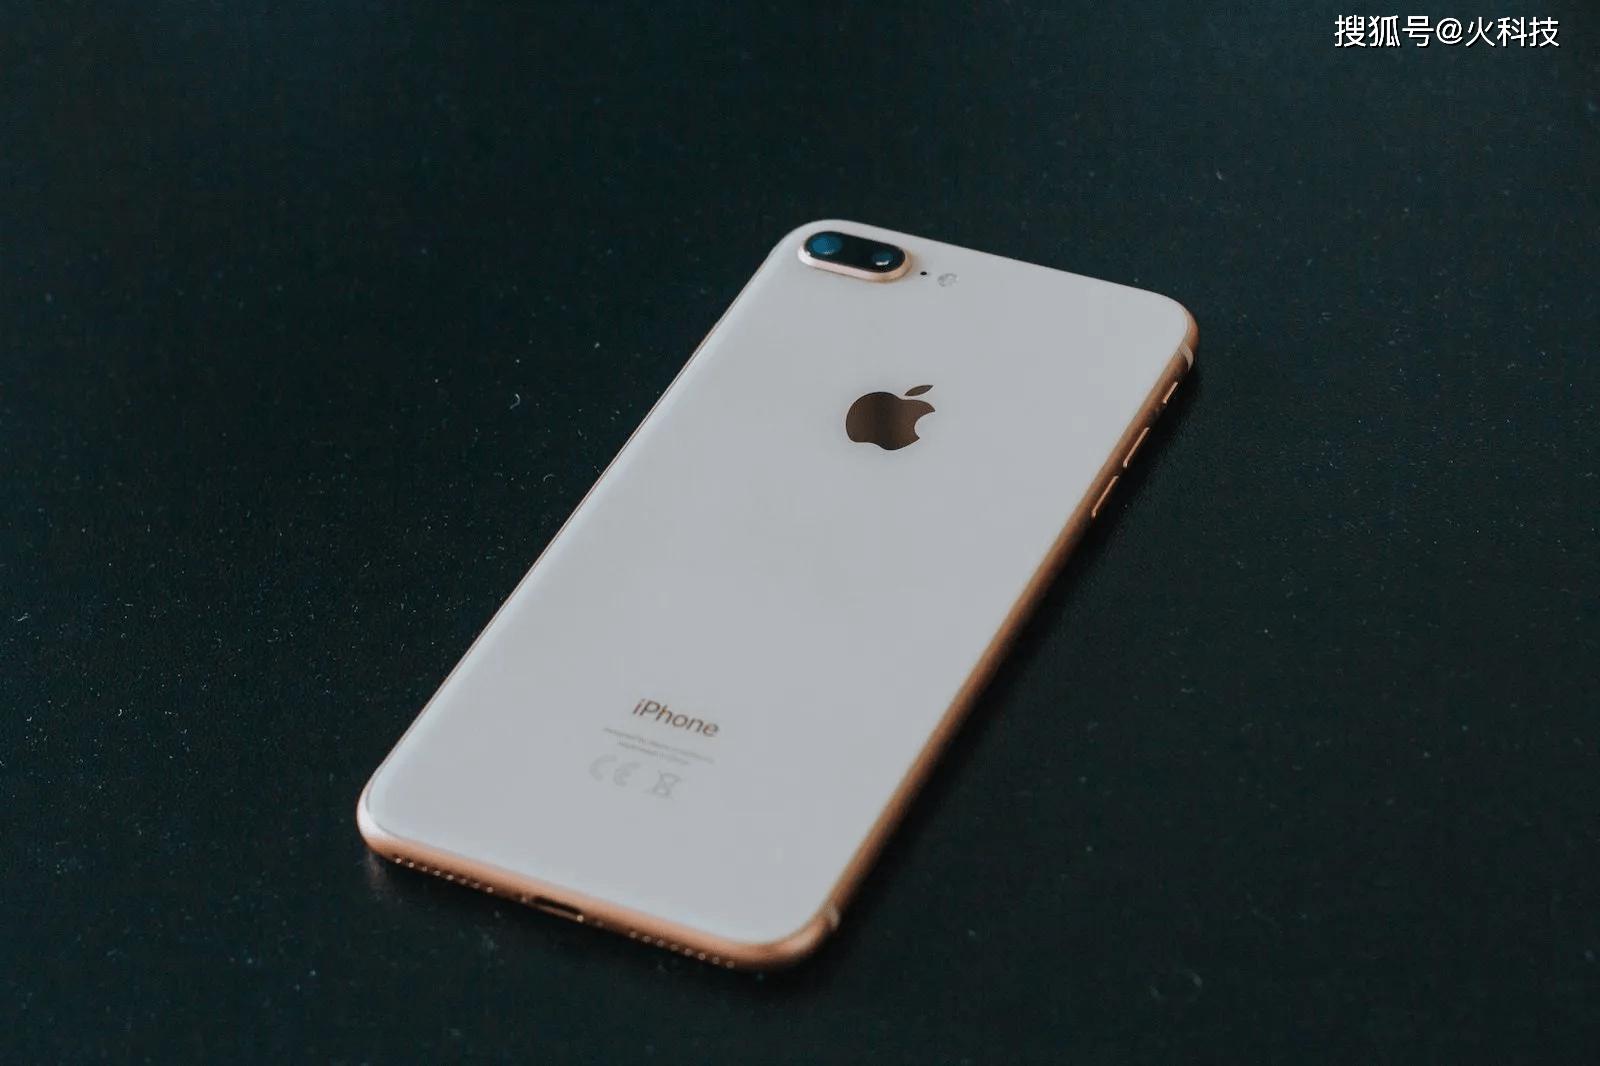 都2021年了,为什么还在用iPhone8 Plus?